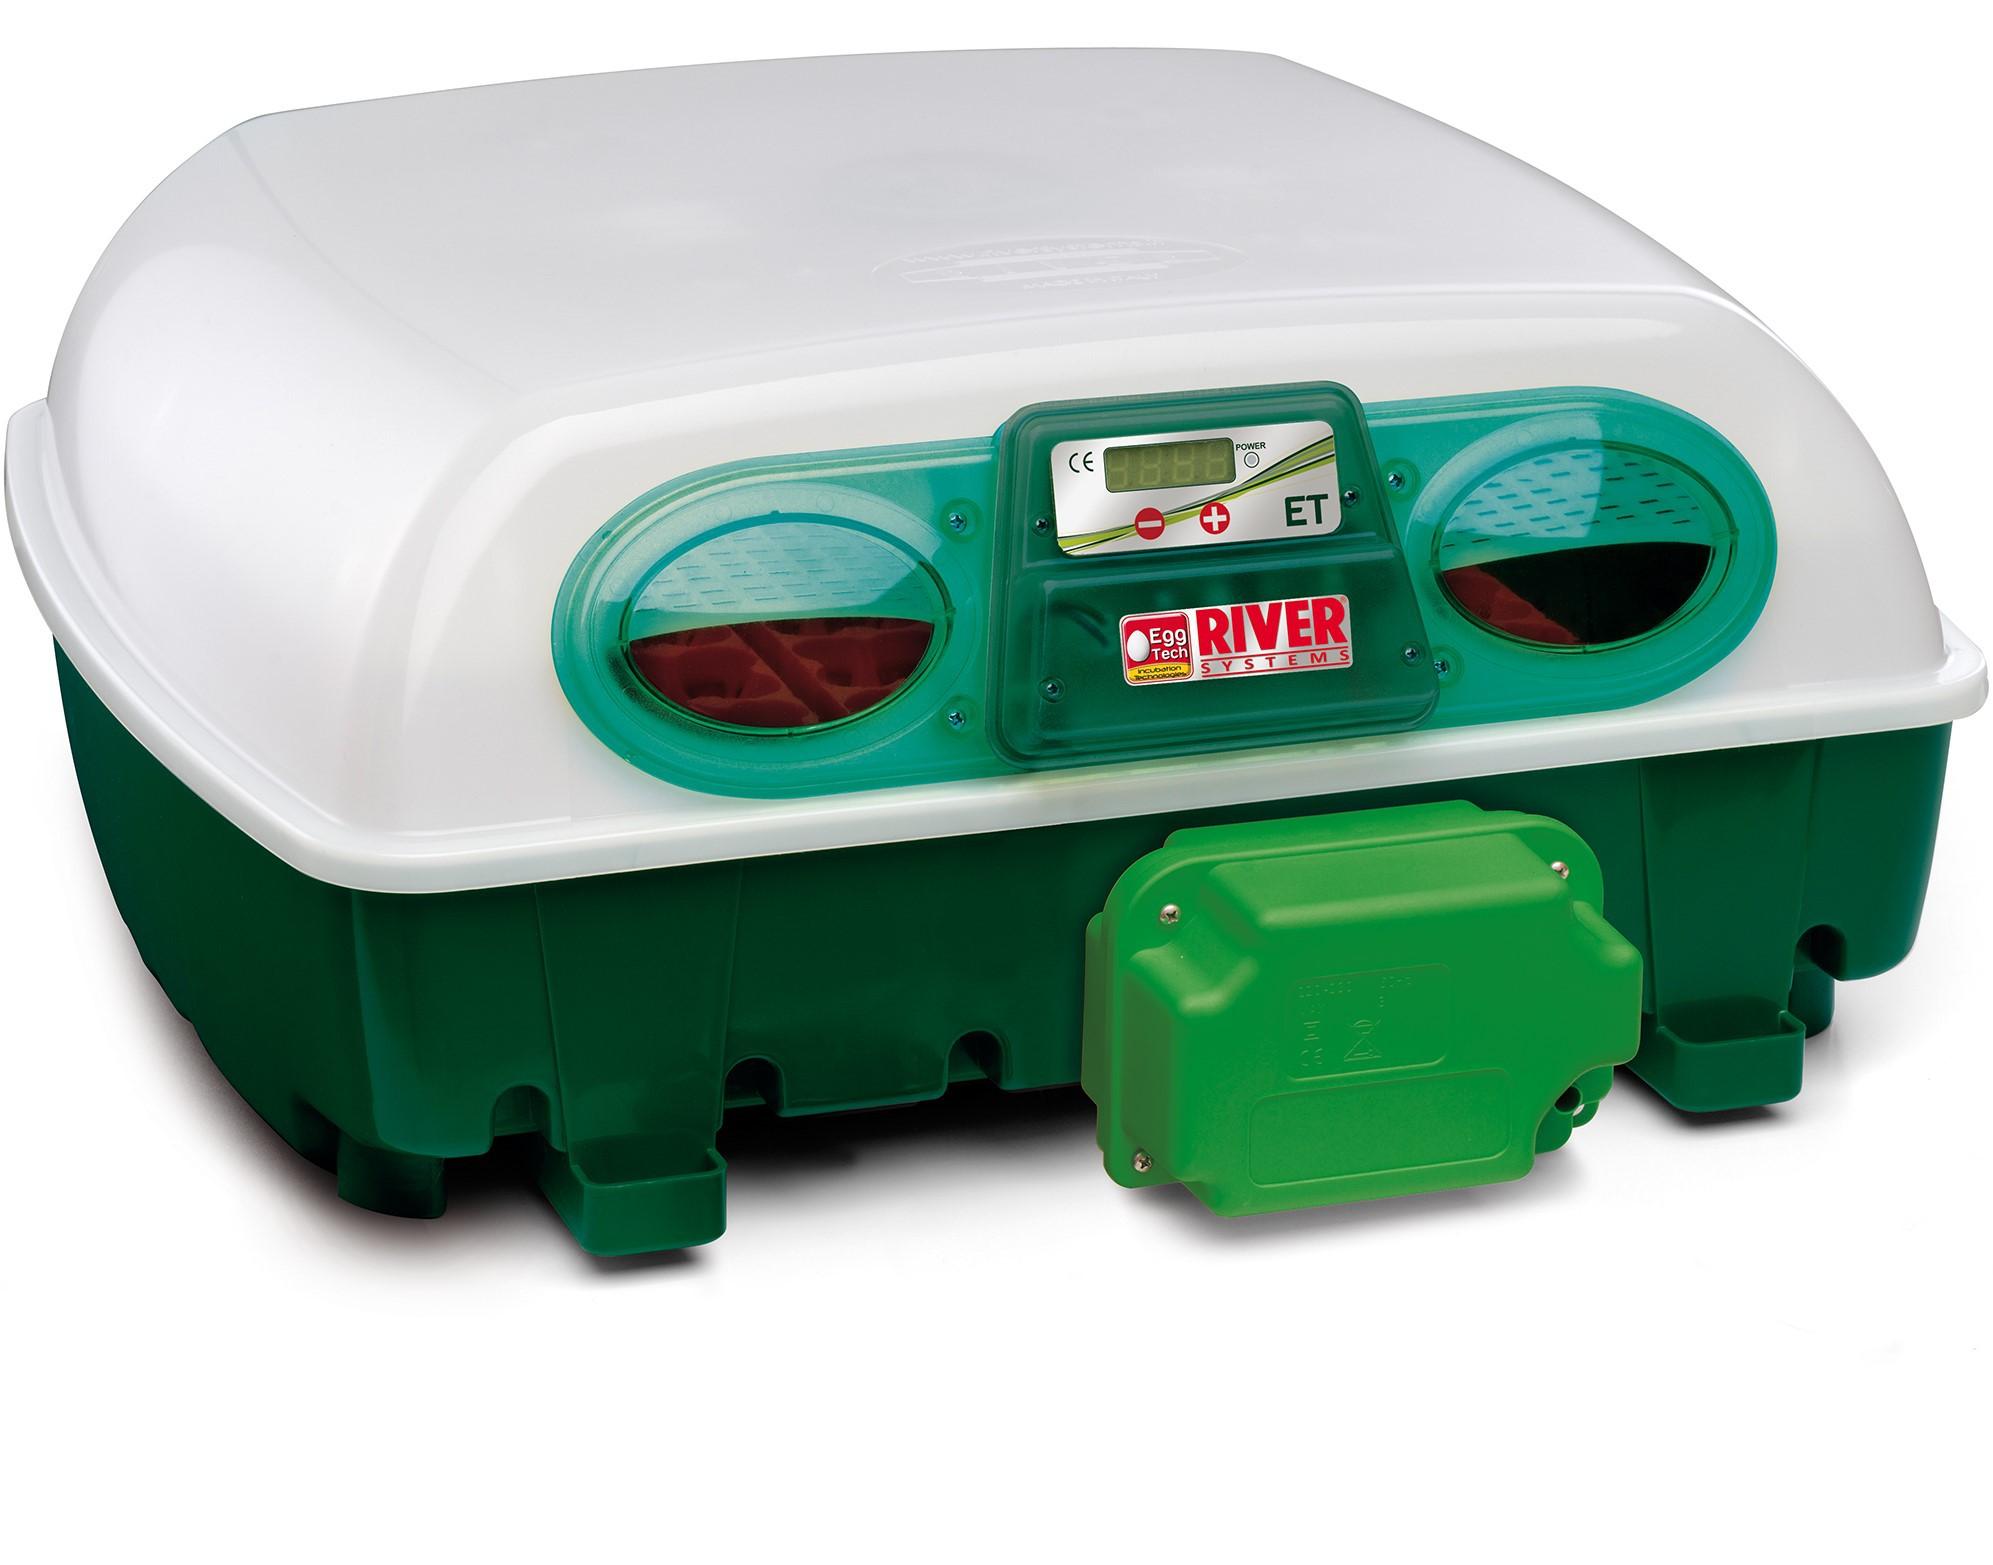 Brutautomat ET Super 49 für 49 Eier mit Eierwendesystem